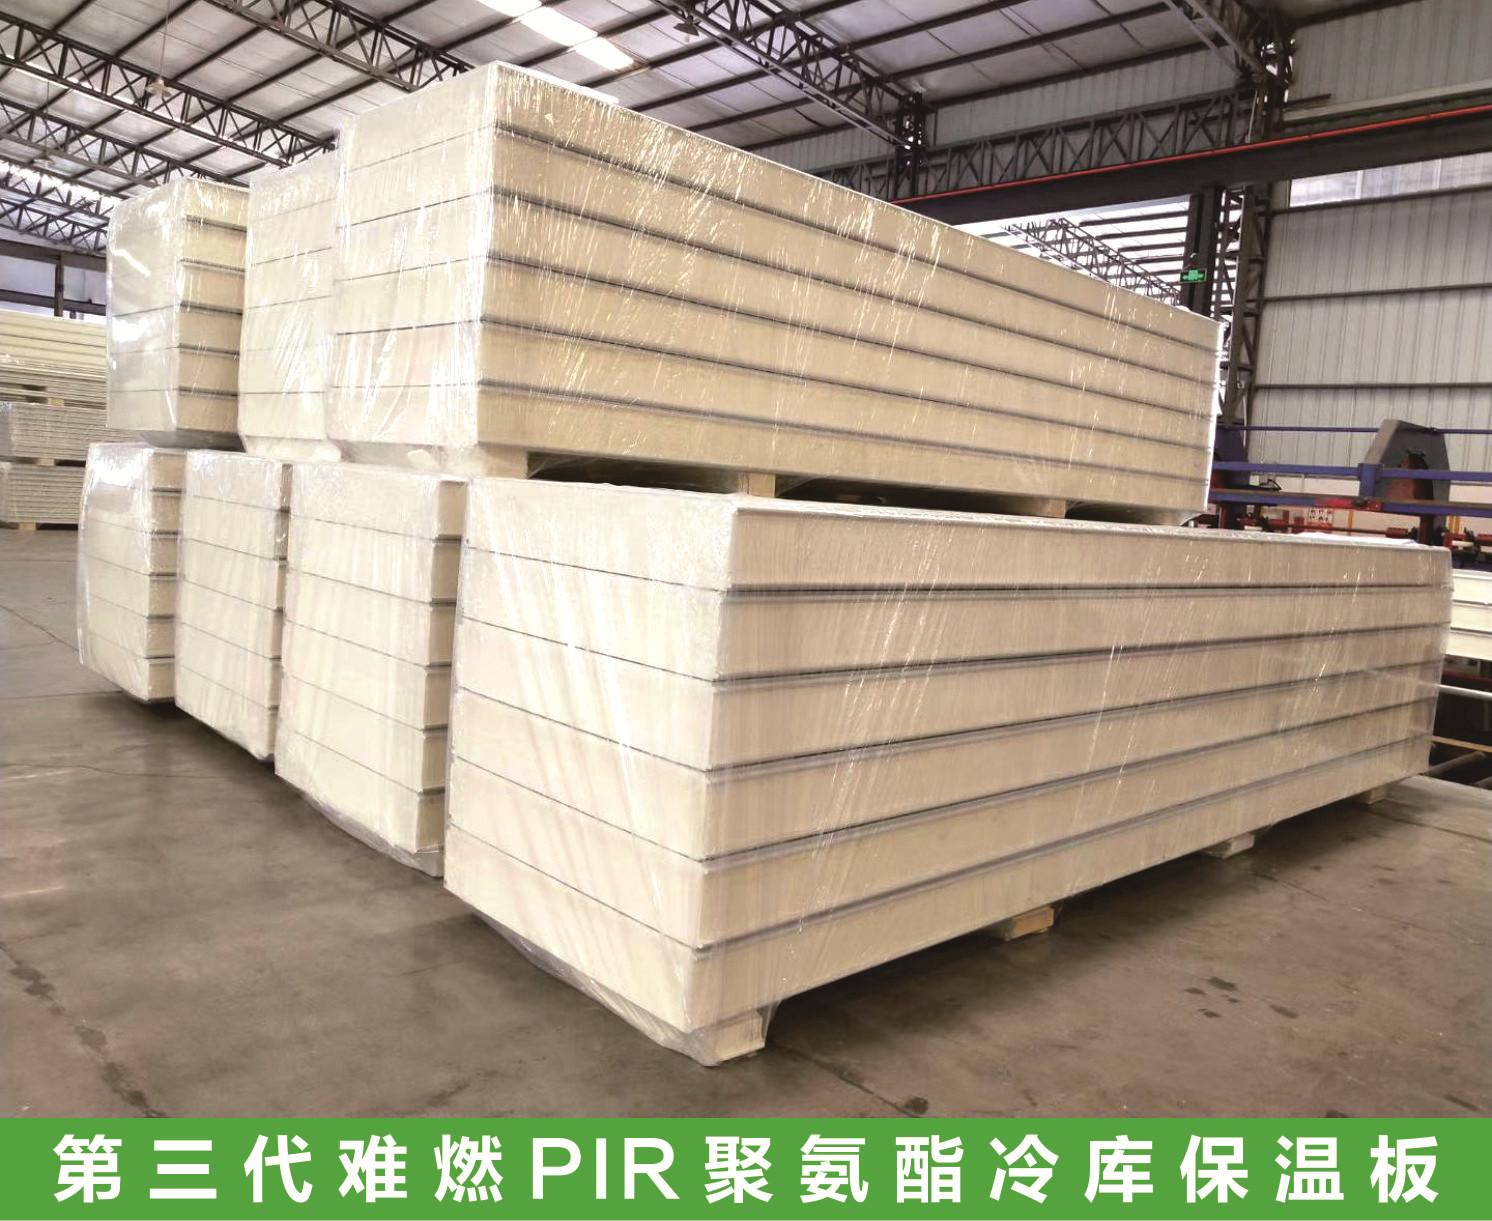 如何选择冷库保温材料?PIR保温板有哪些优势